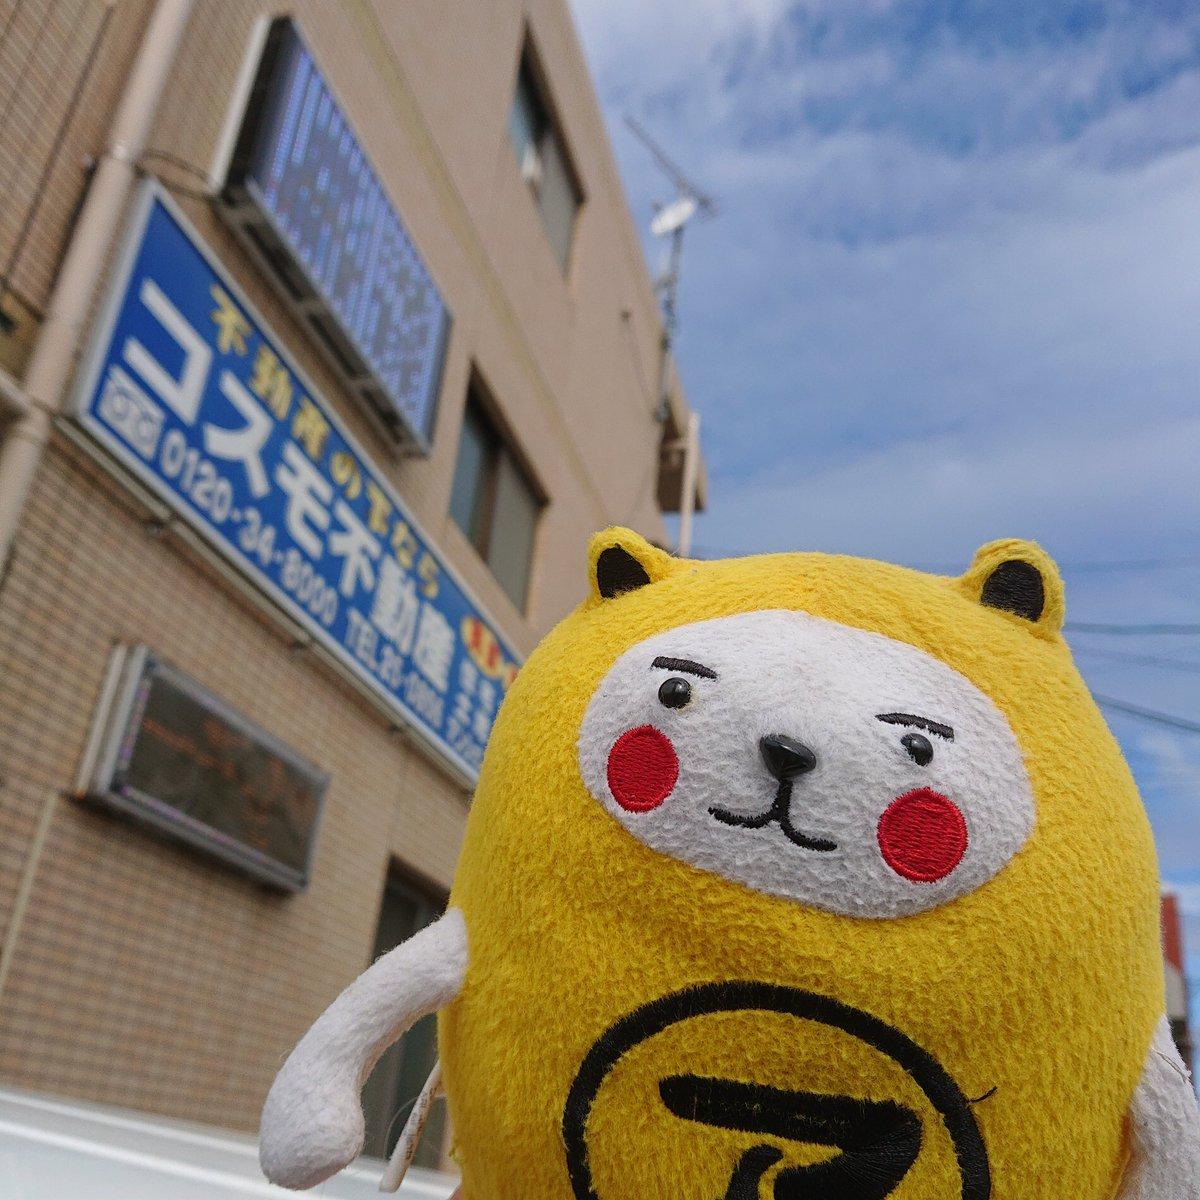 おはようございますコスモ不動産です?現在の丸亀の天気はくもり☁本日も10時から18時まで元気に営業致しております千葉県、神奈川県のみなさん大丈夫でしょうか?早く元の生活に戻れますように……?#企業公式が毎朝地元の天気を言い合う #さわやかモーニング大作戦 #香川Twitter会